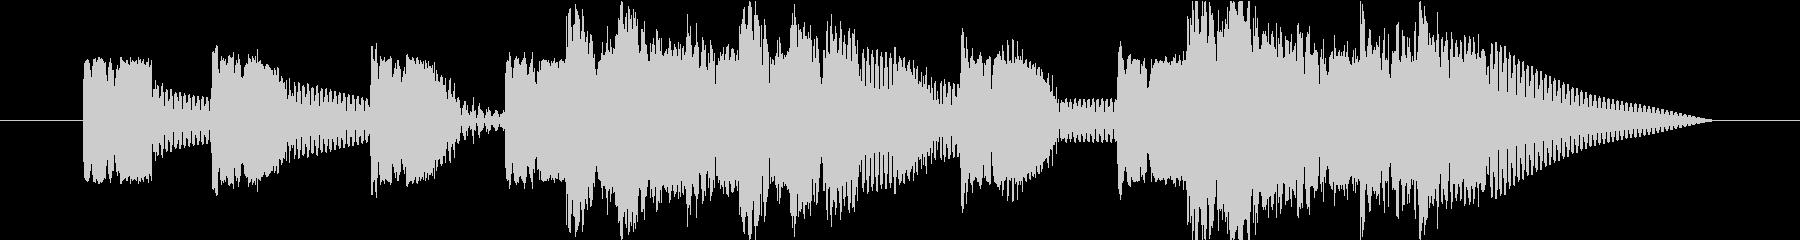 ロボットサウンド 機械音7 の未再生の波形